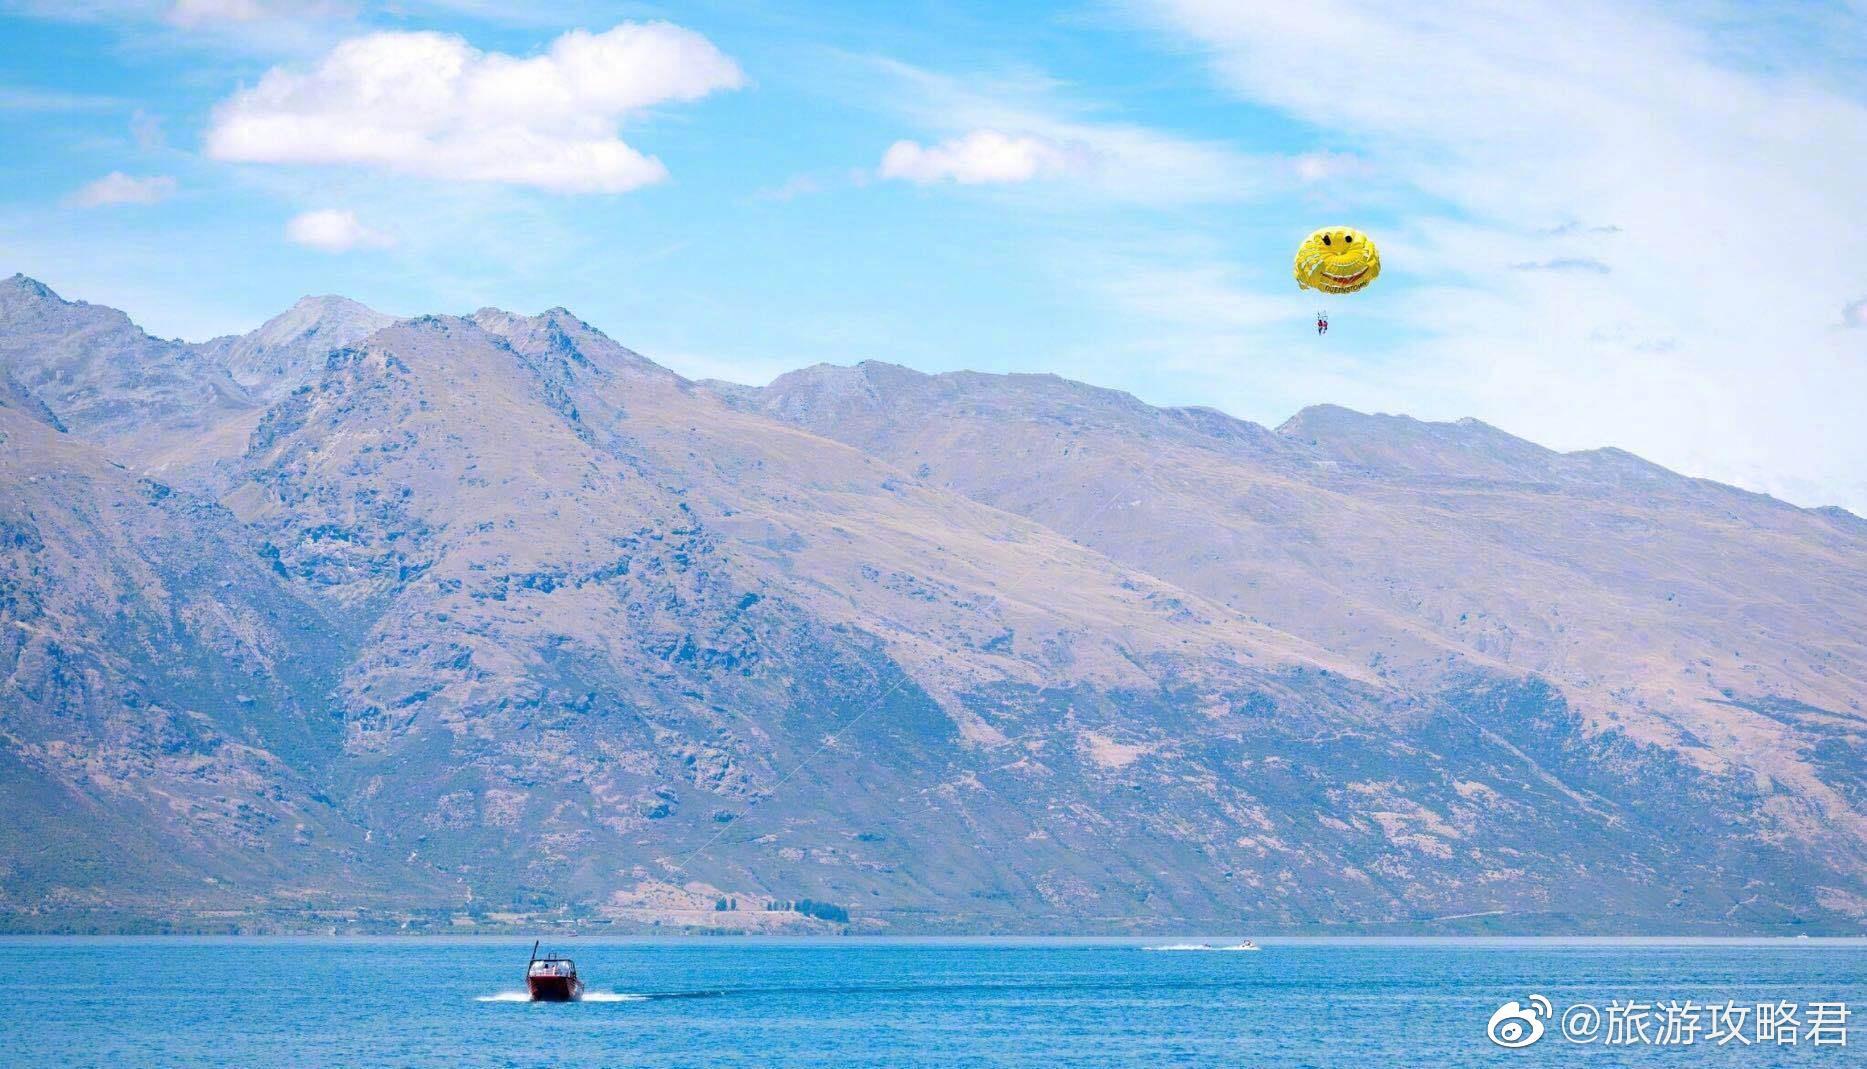 瓦卡蒂普湖丨新西兰第三大湖泊 .